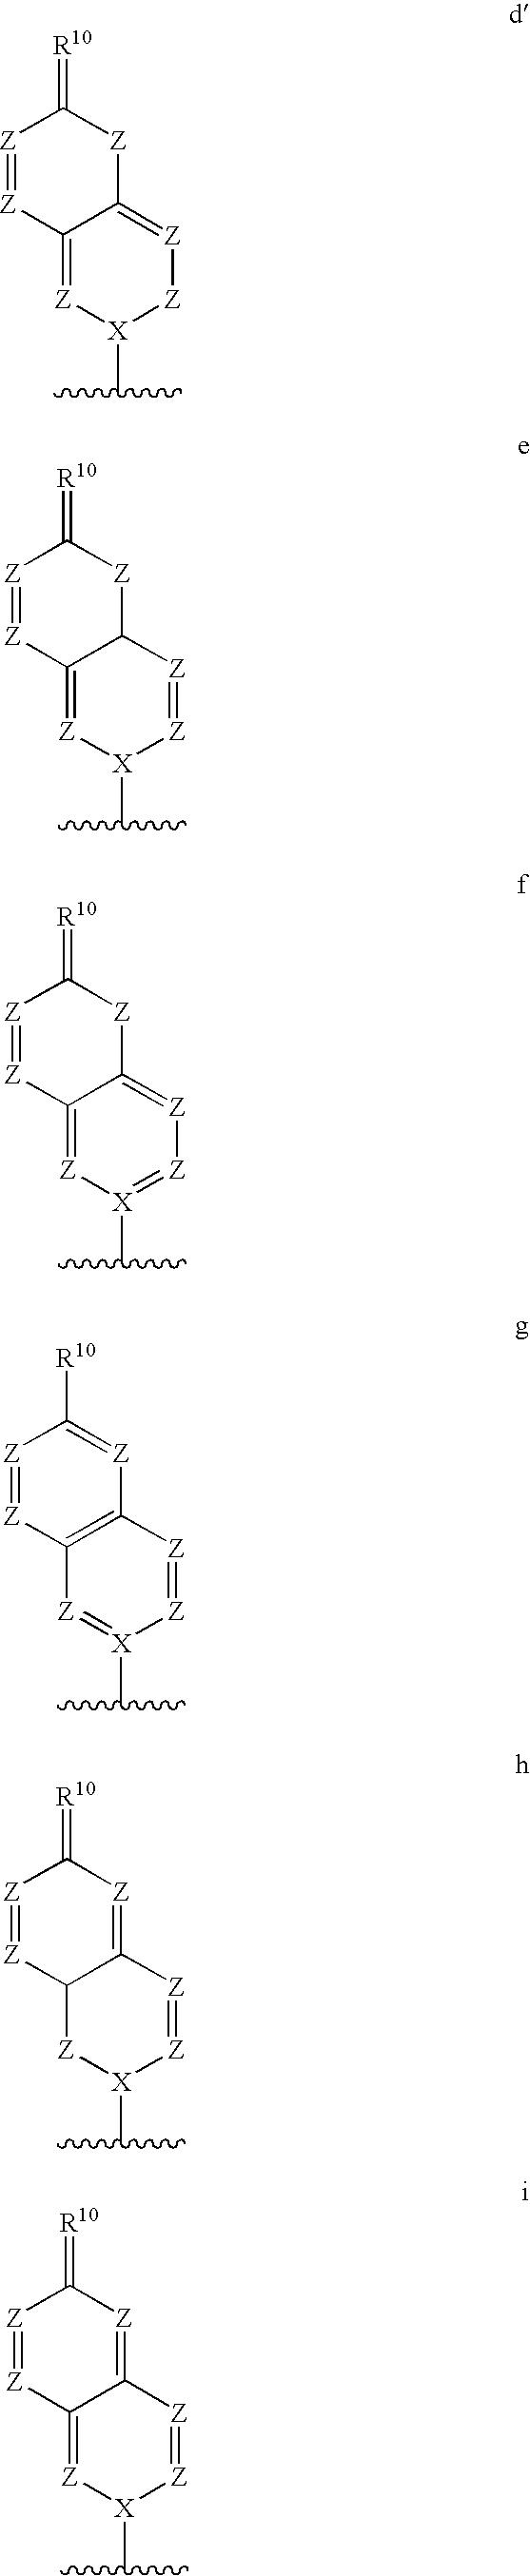 Figure US08173621-20120508-C00027